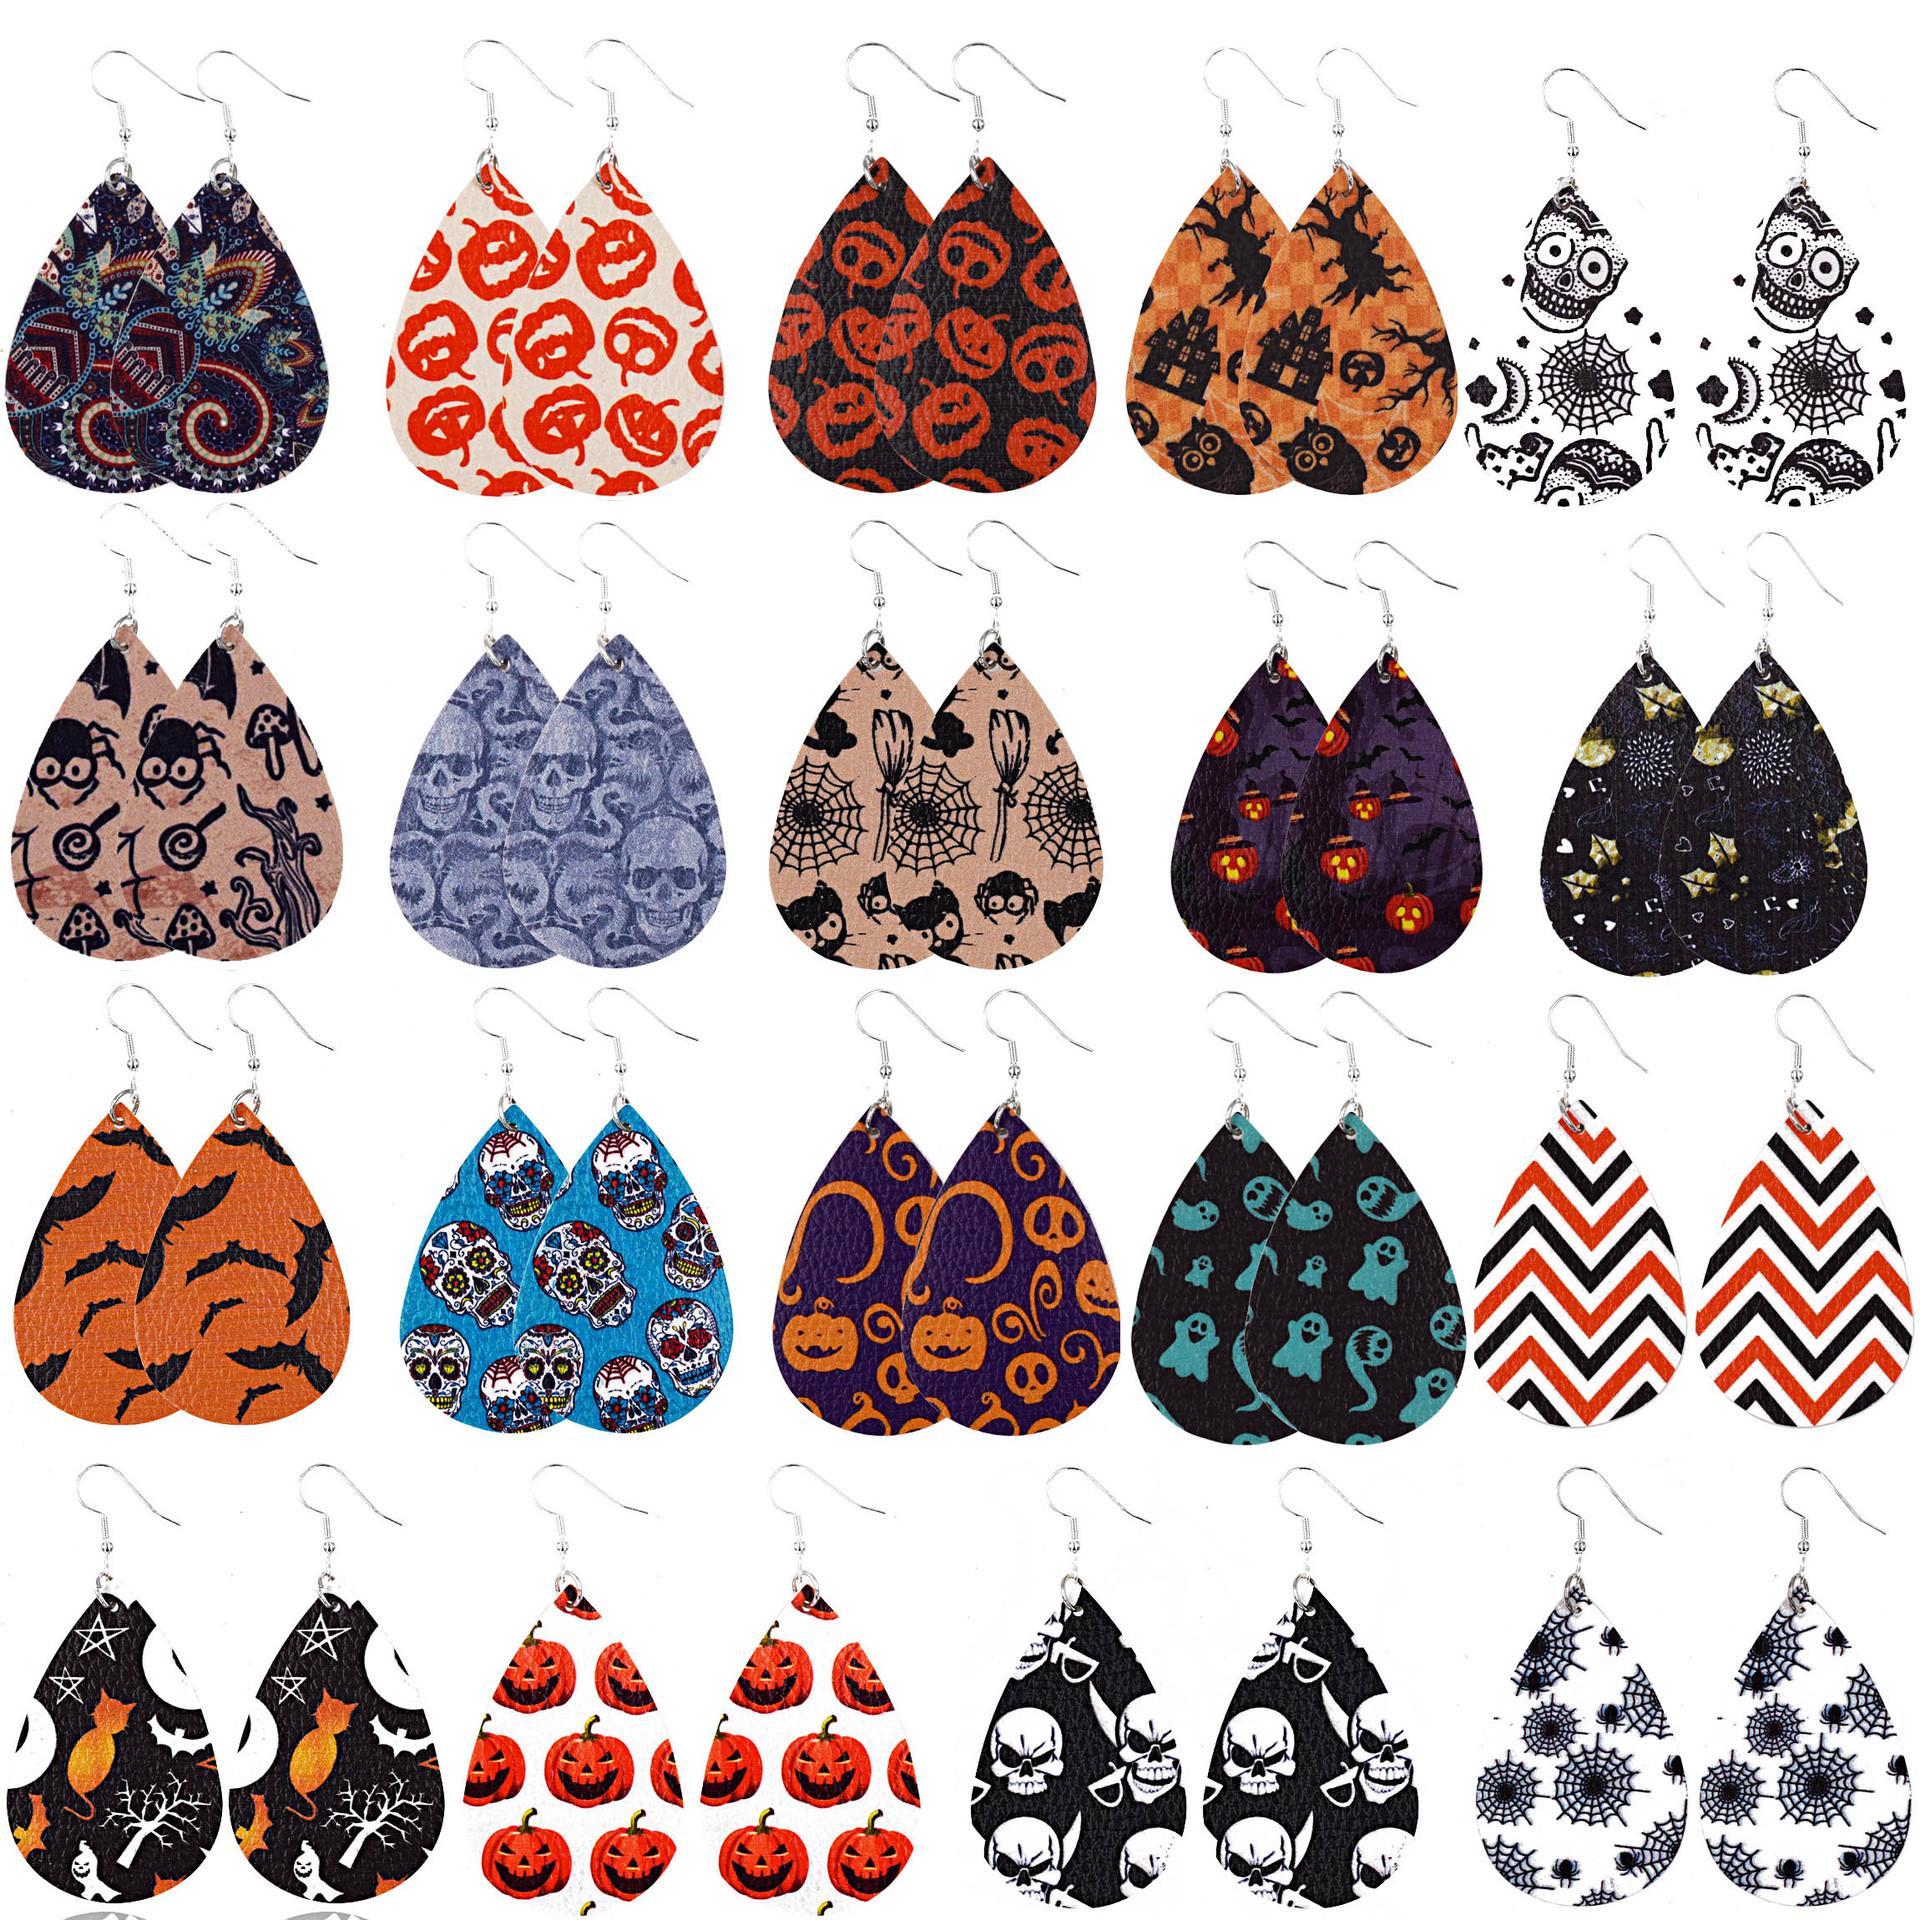 2020 New Design Leather Earrings Pumpkin Skull Drop Earrings Fashion Halloween Jewelry Gifts